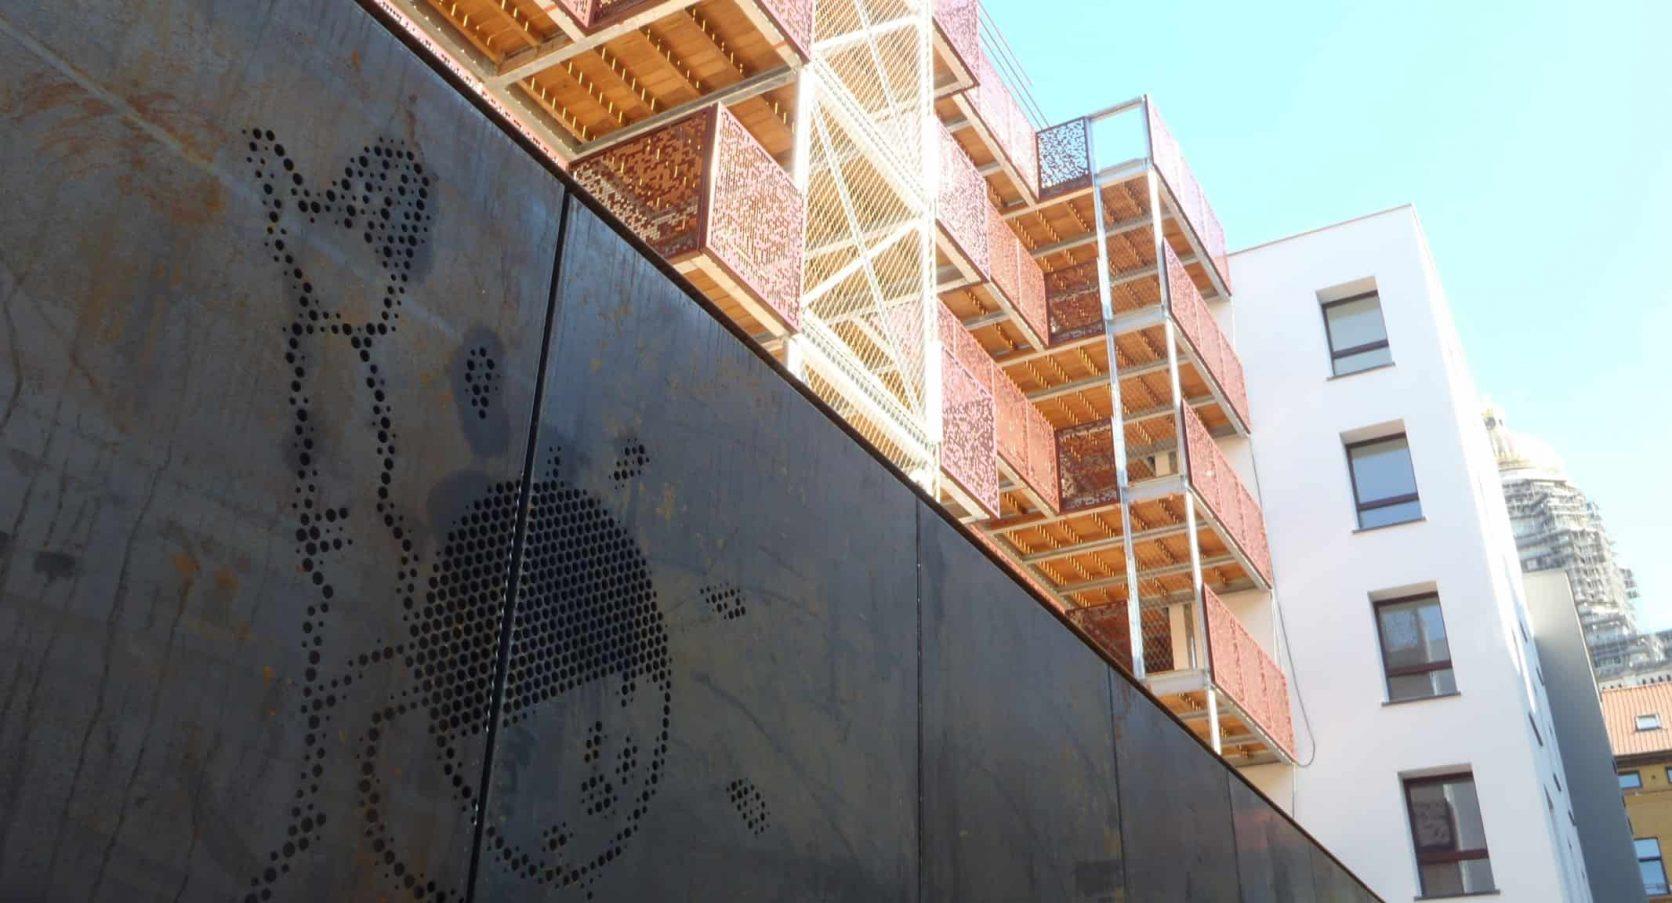 Gevelbekleding van MD Designperforatie cortenstaal panelen in de Kapucijnenstraat te Brussel in België